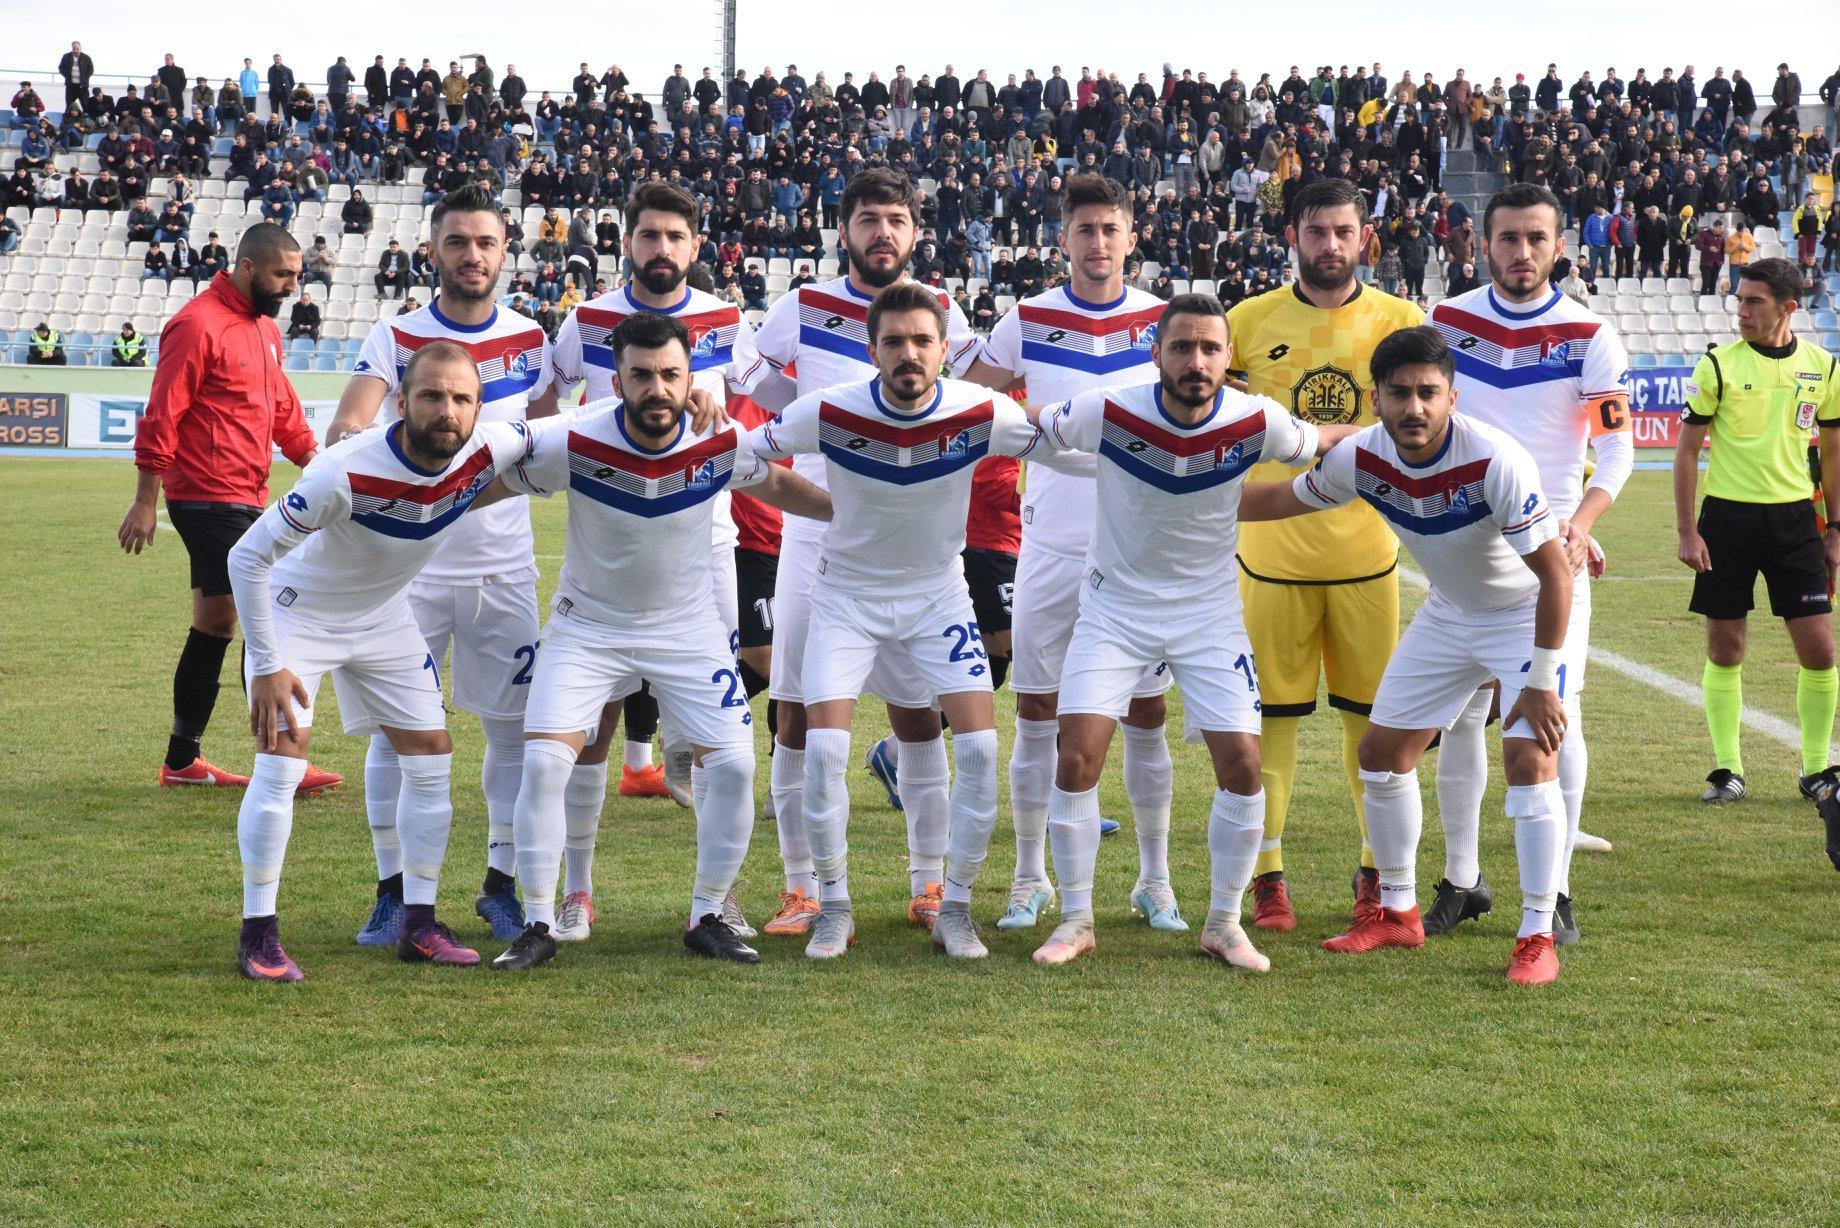 Kırıkkalespor İlk yarıyı lider kapattı 1 - Kırıkkalespor İlk yarıyı lider kapattı